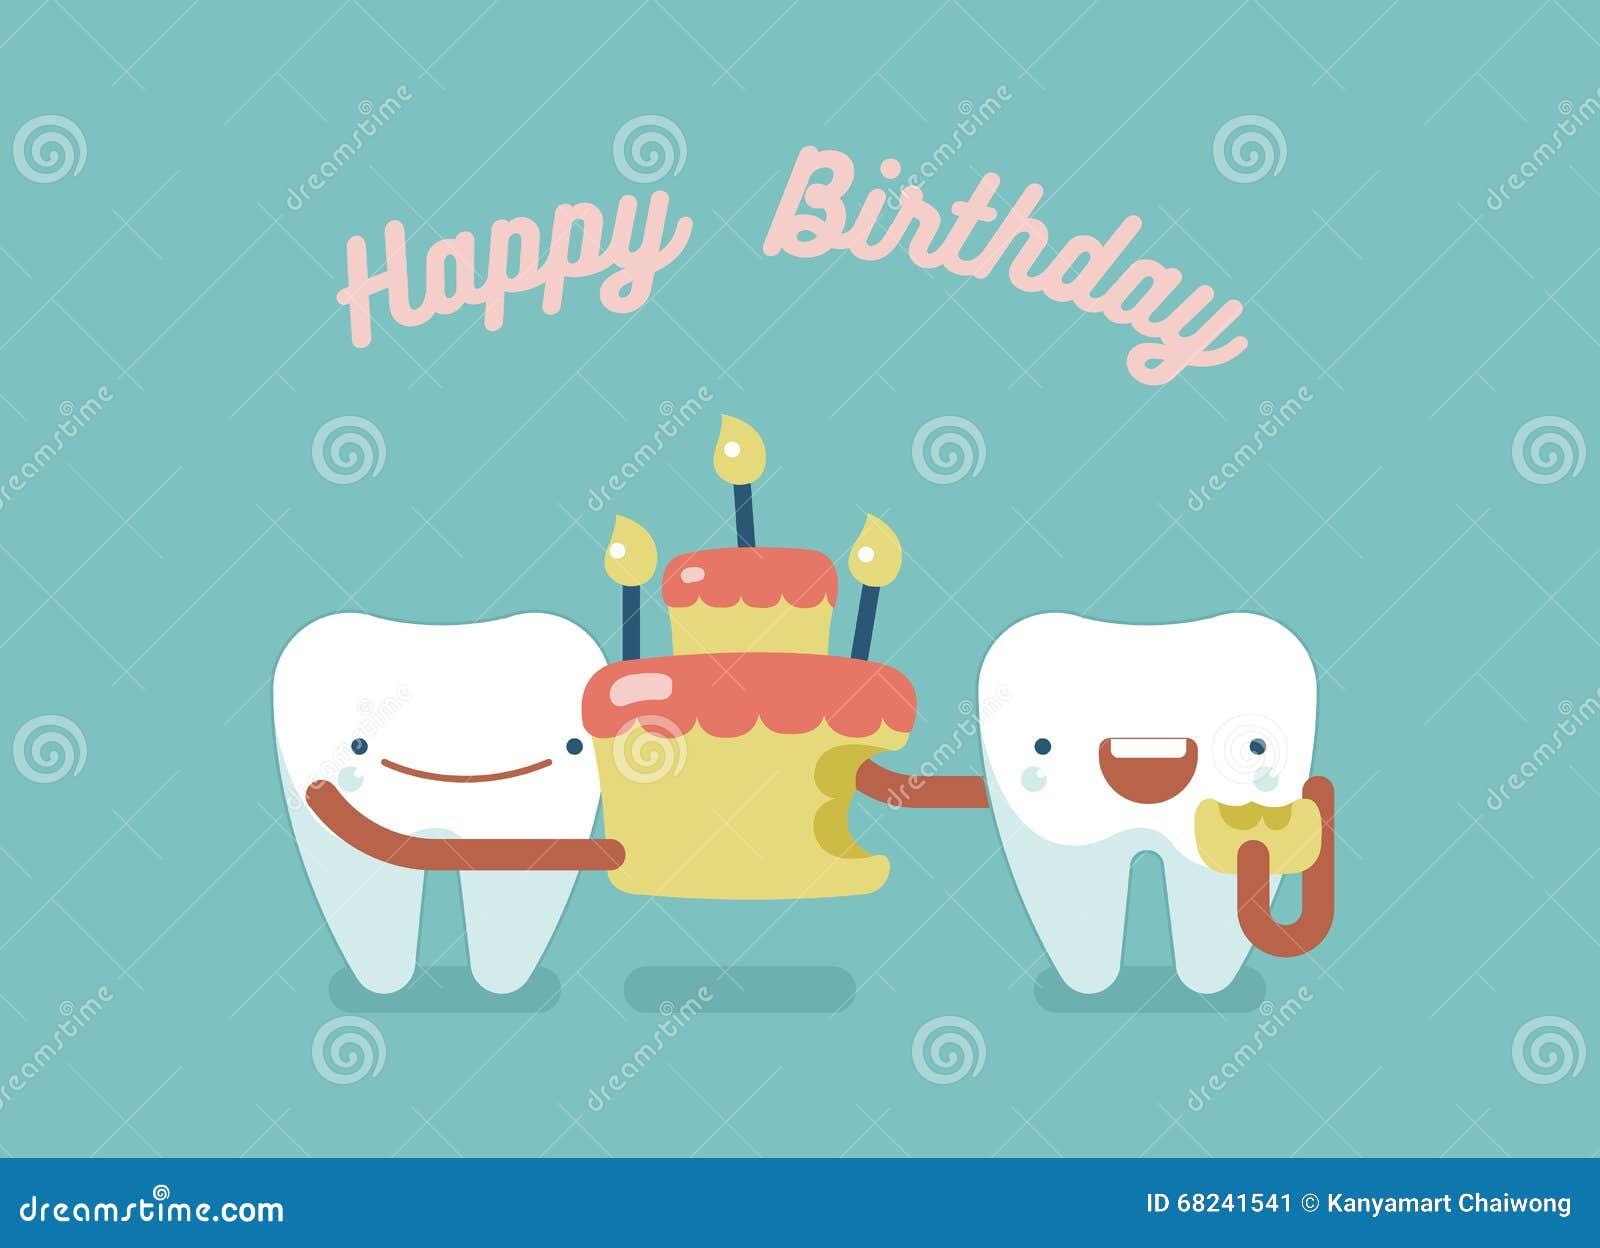 Χρόνια πολλά οδοντικός